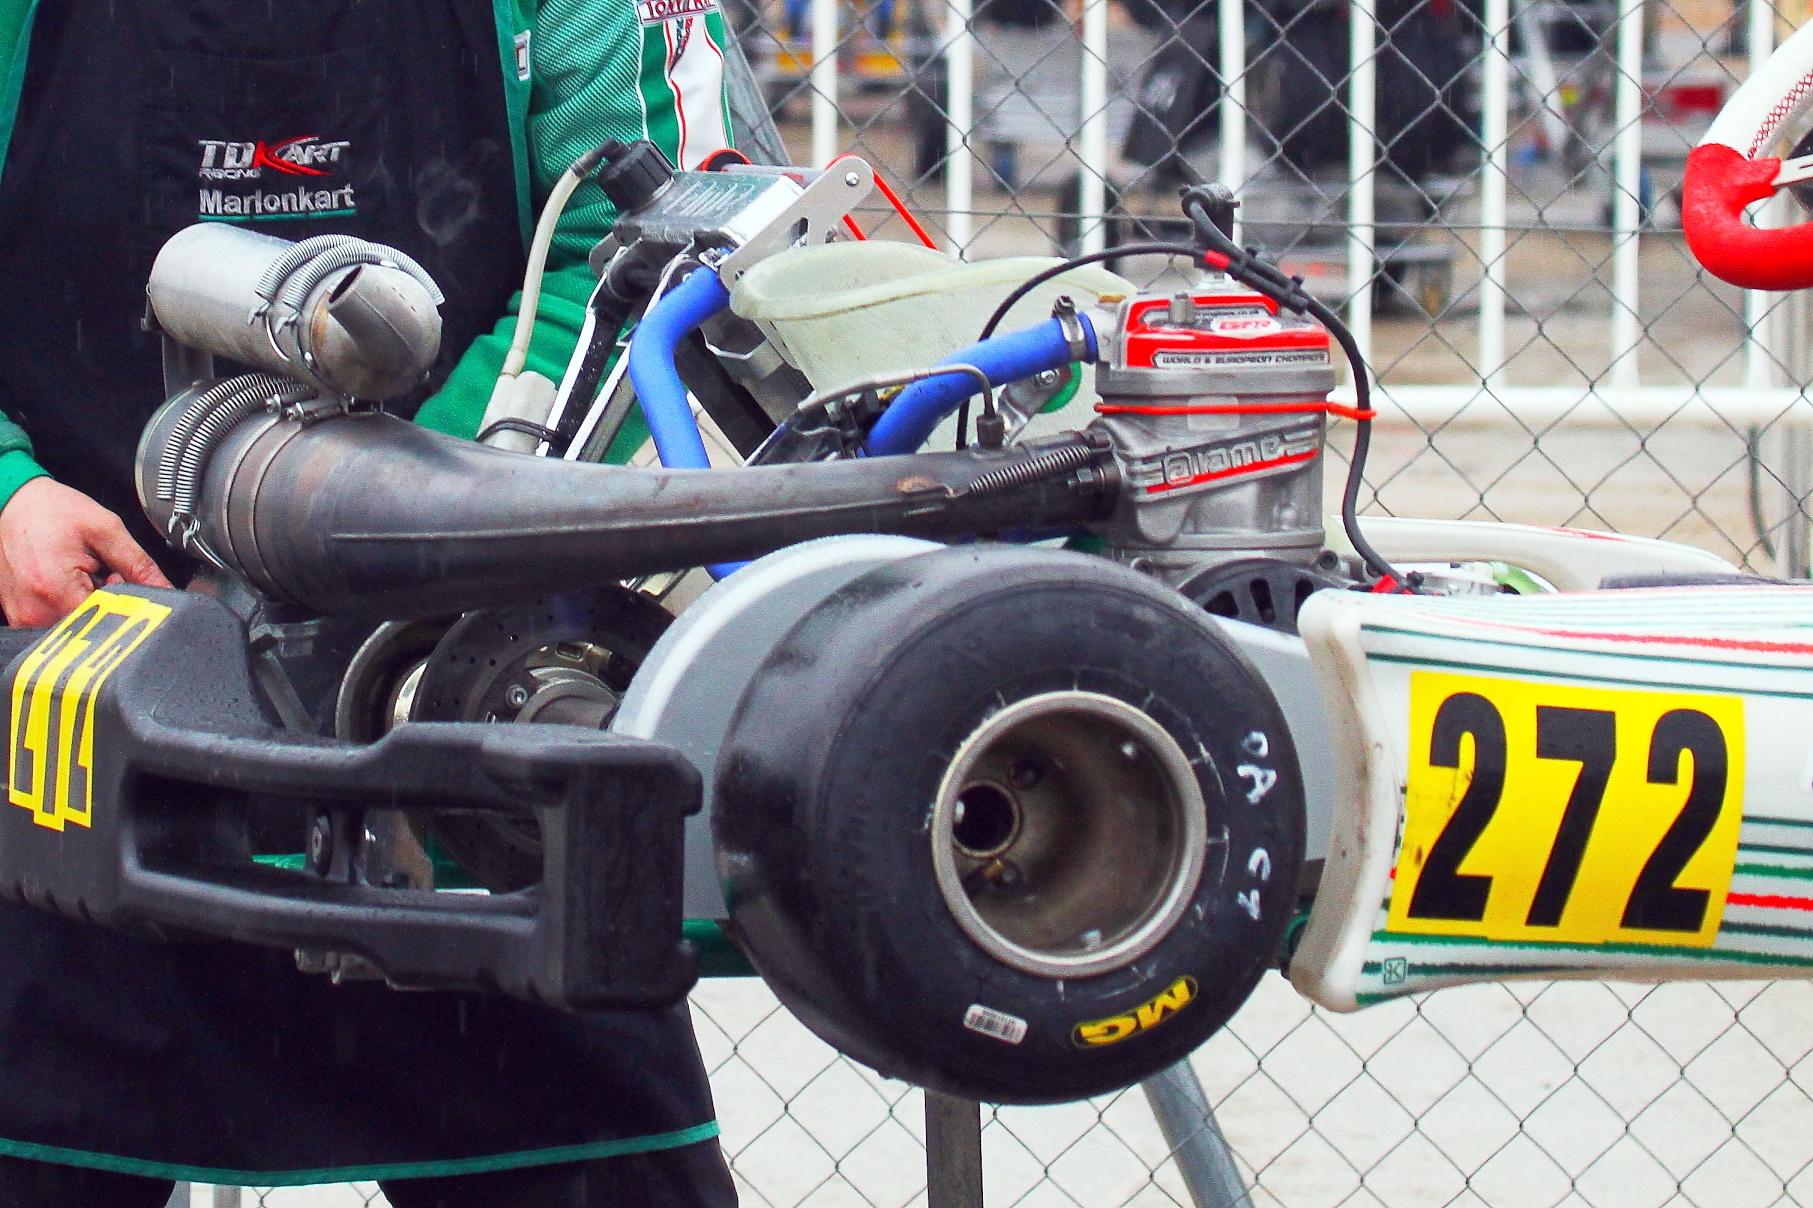 La FIA confirma a MG como nuevo suministrador de neumáticos para sus competiciones en 2021